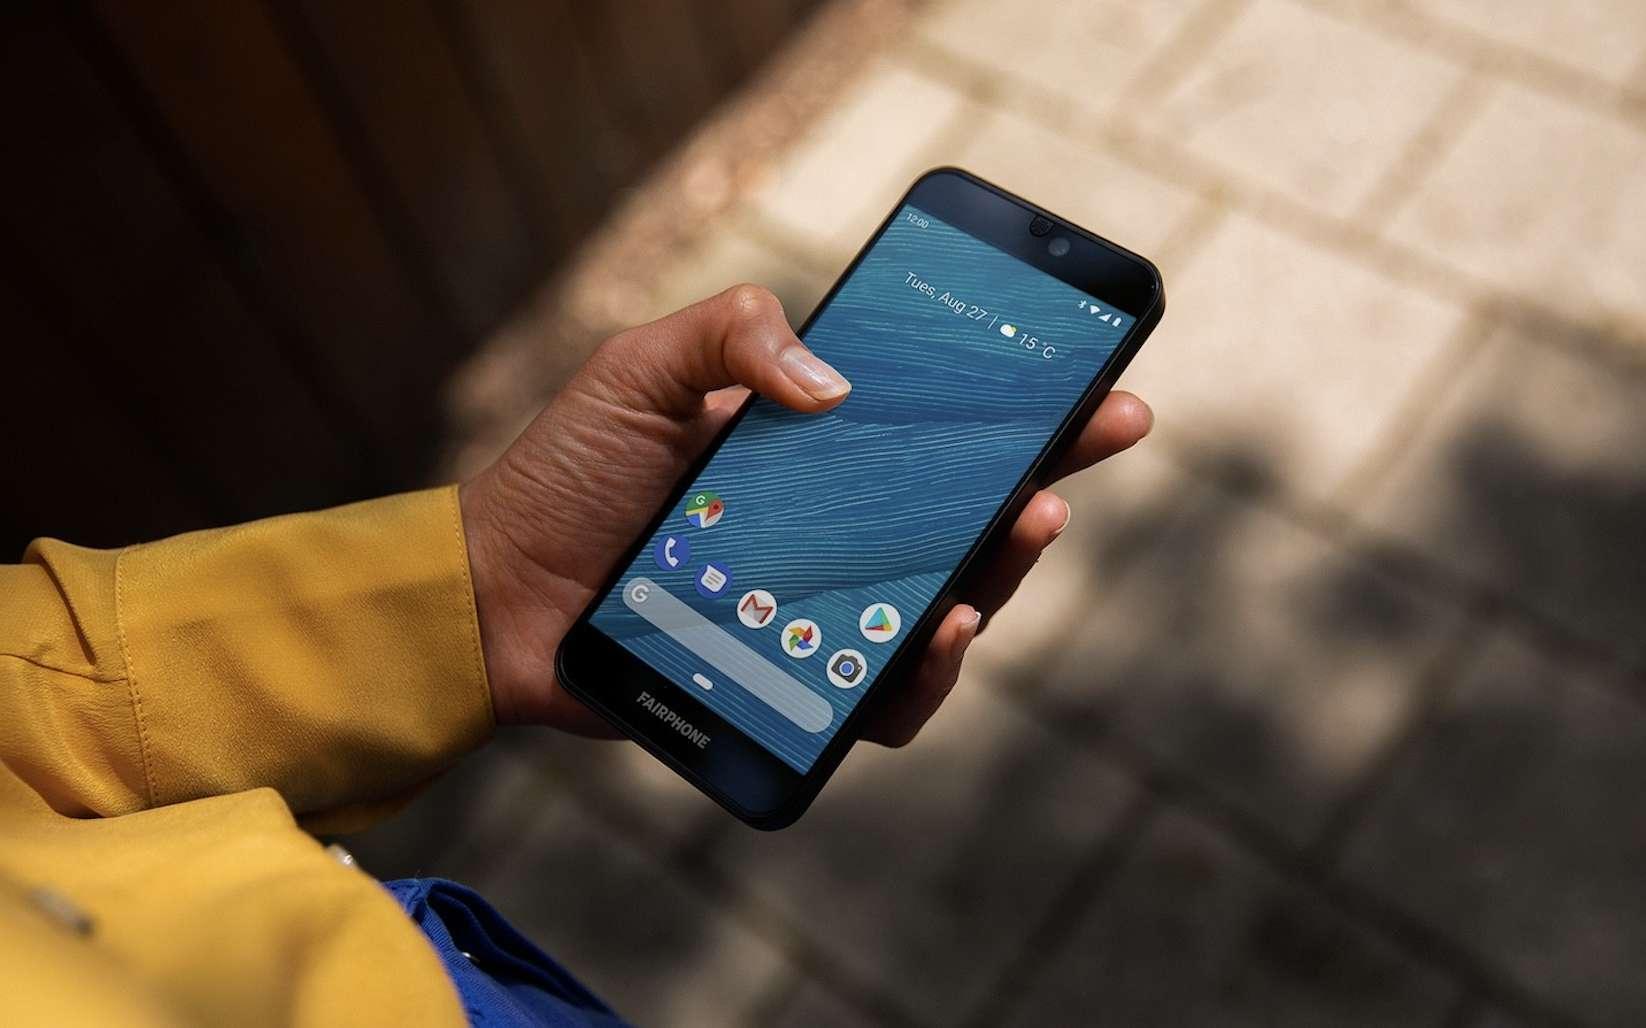 Le Fairphone 3, un smartphone équitable et modulaire. © Fairphone